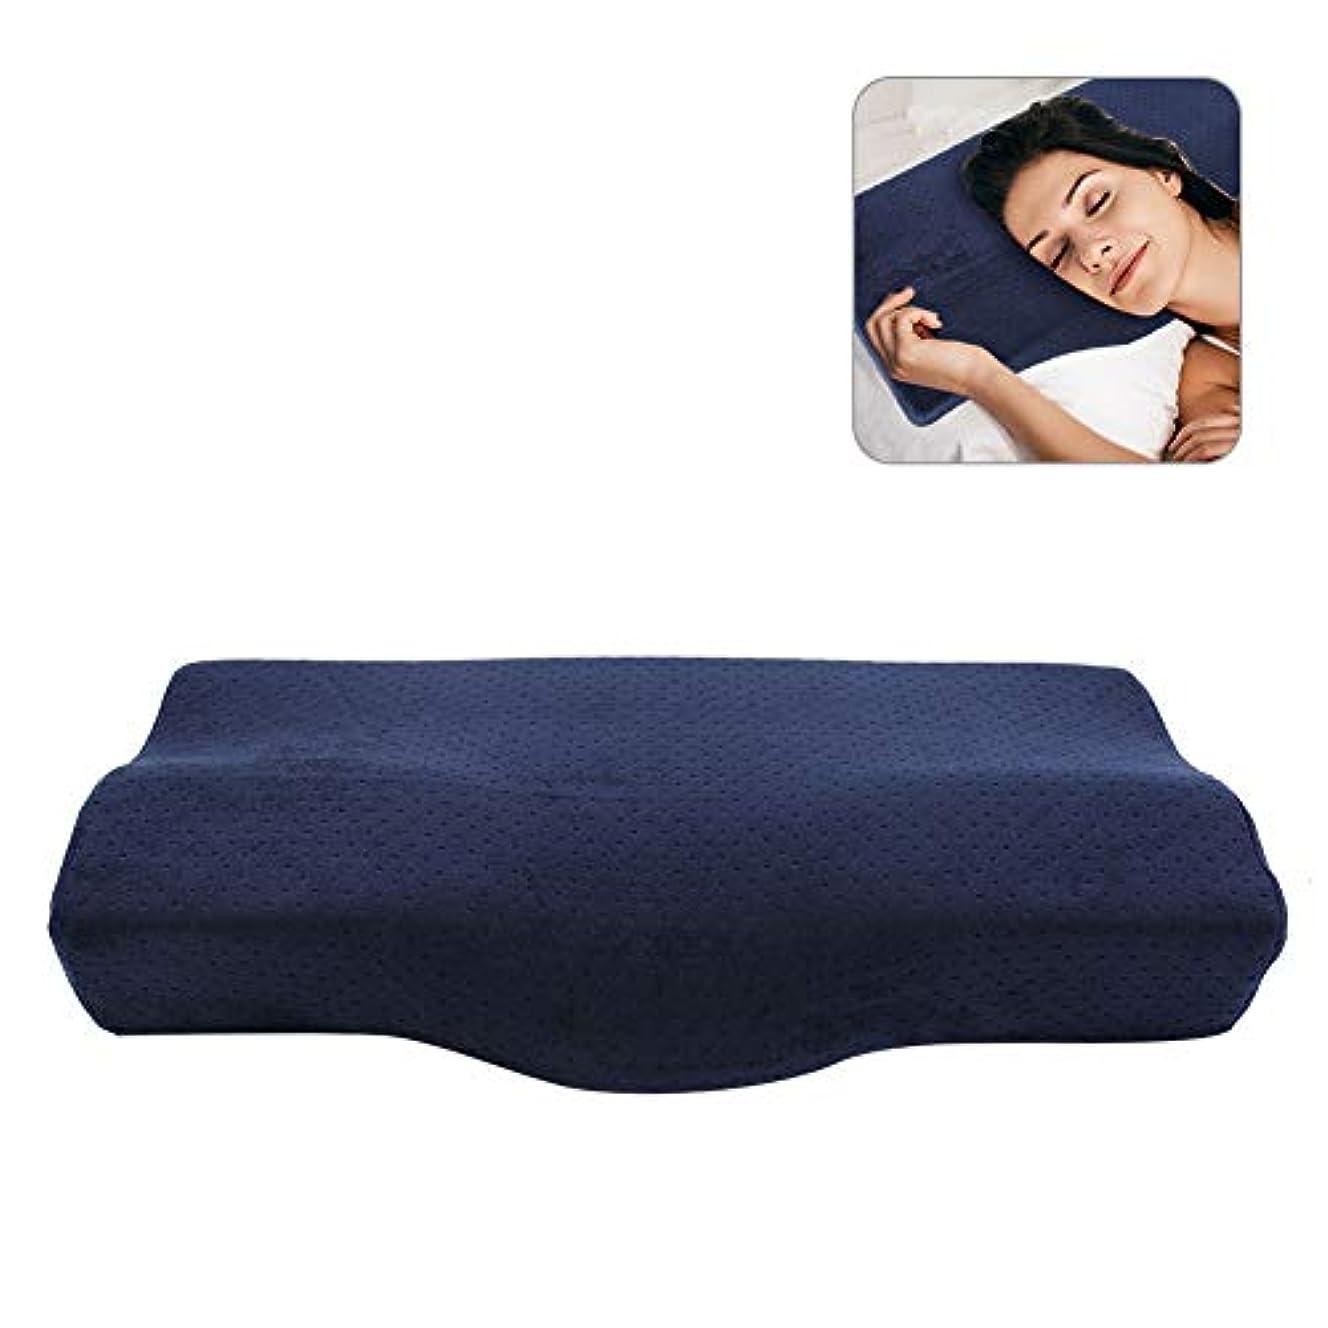 振り向く移植友だち枕 安眠 低反発枕 肩こり対策 頸椎サポート 肩こり対策 首?頭?肩 子供 大人向き 美容院&グラフトまつげ (ダークブルー)